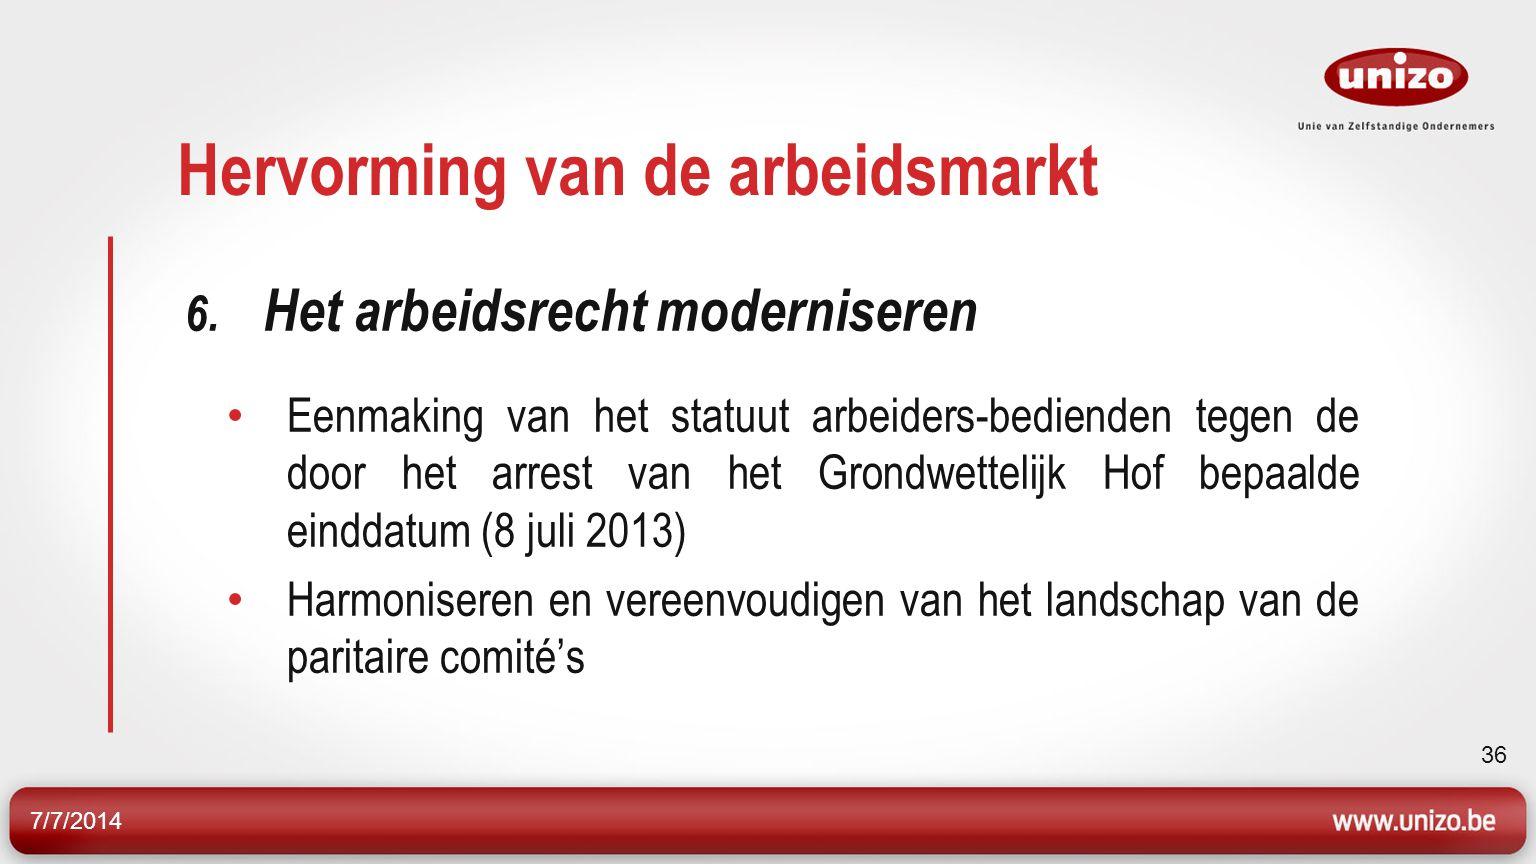 7/7/2014 36 Hervorming van de arbeidsmarkt 6.